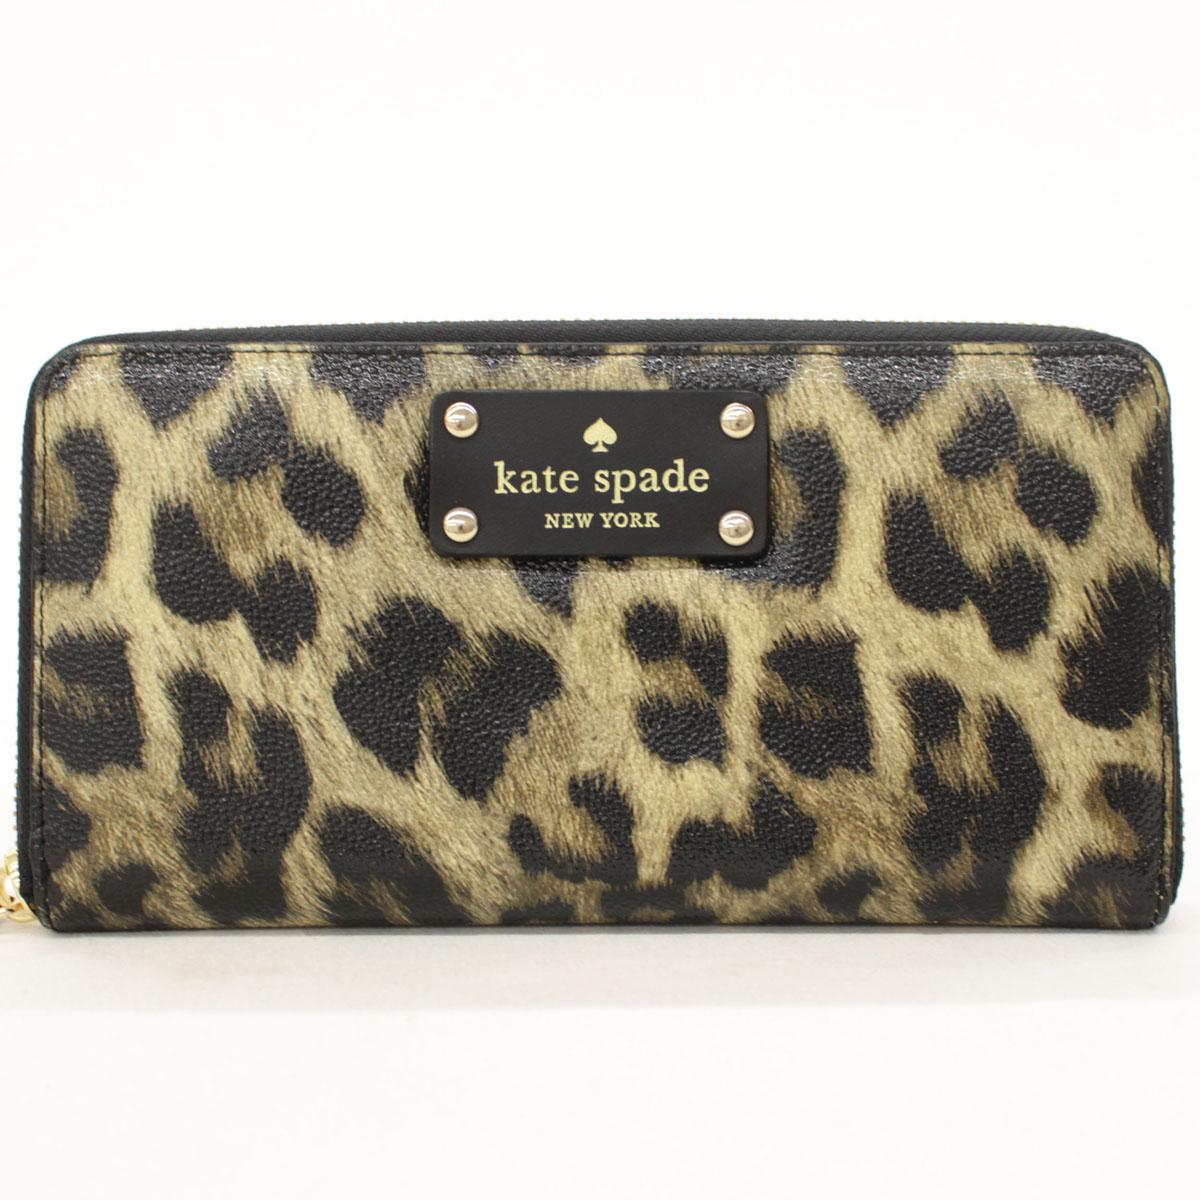 【中古】未使用品 kate spade ケイトスペード ラウンドファスナー 長財布 レオパード柄 WLRU1861 leopard grainy vinyl leopard(983) 18100-CH1118